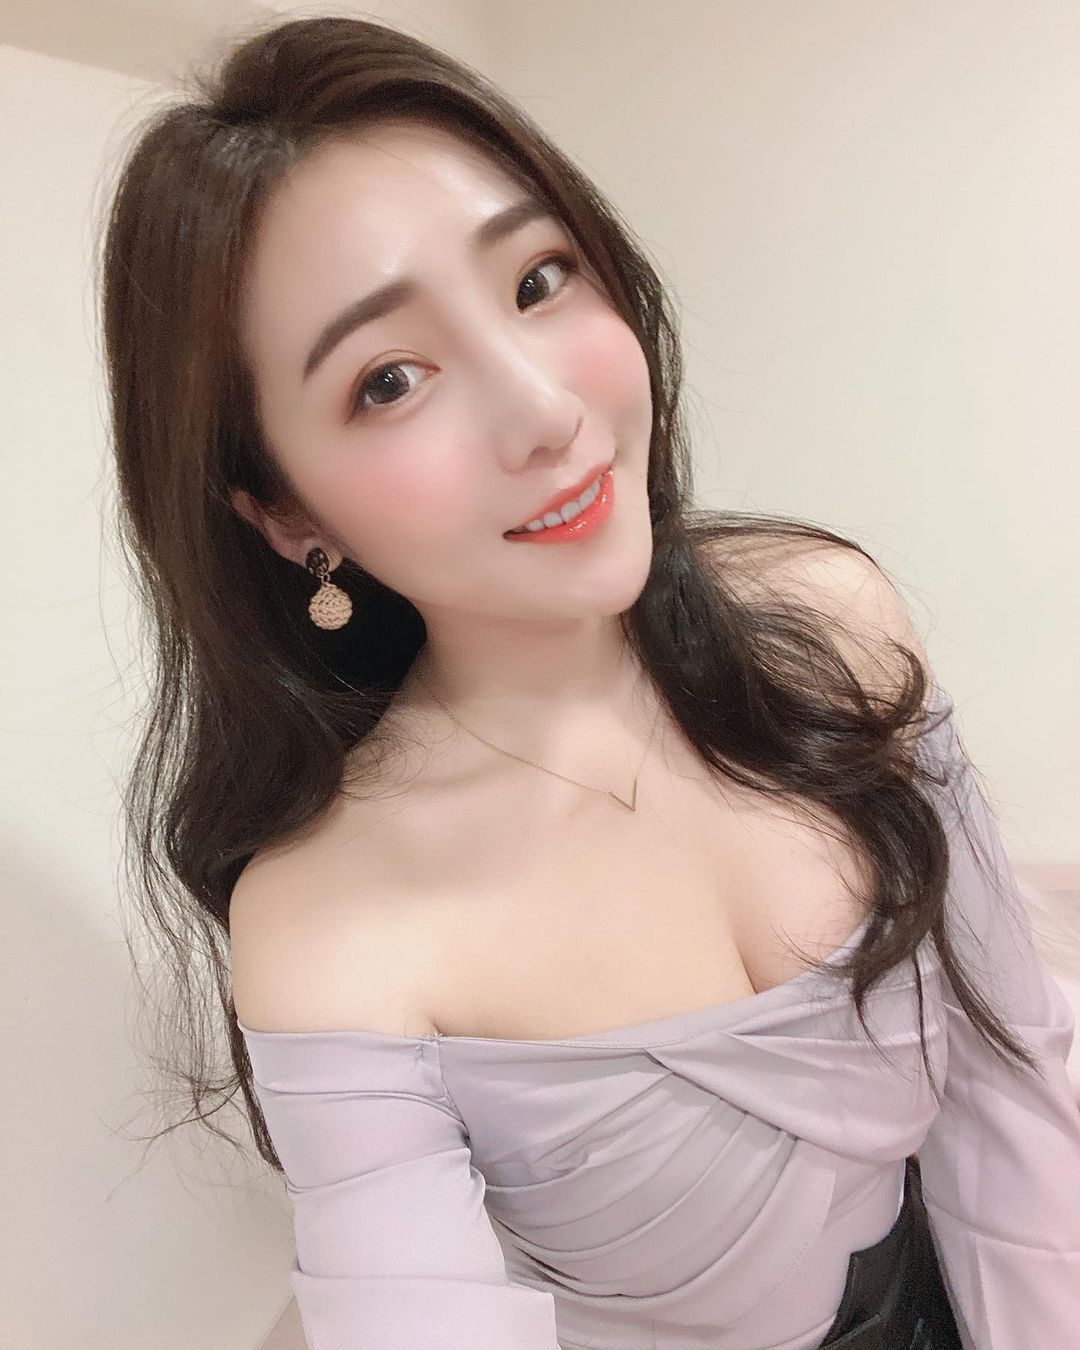 吃货美女许薇安Vivi Hsu丰满上围比拿铁还重 养眼图片 第6张